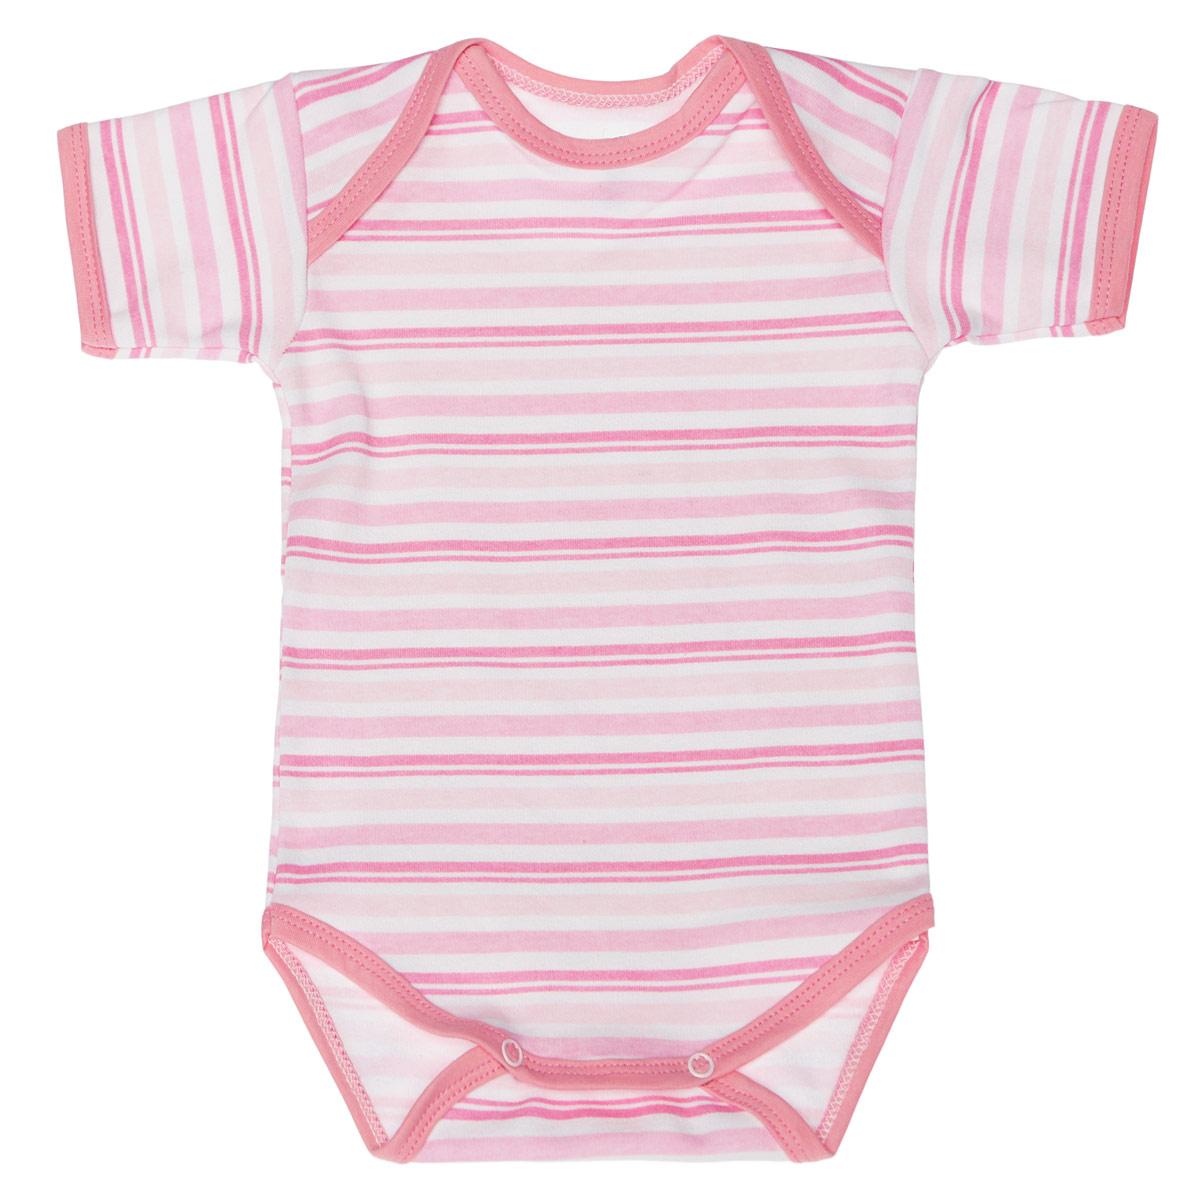 Боди-футболка детская Трон-плюс, цвет: розовый, белый. 5873_полоска. Размер 80, 12 месяцев